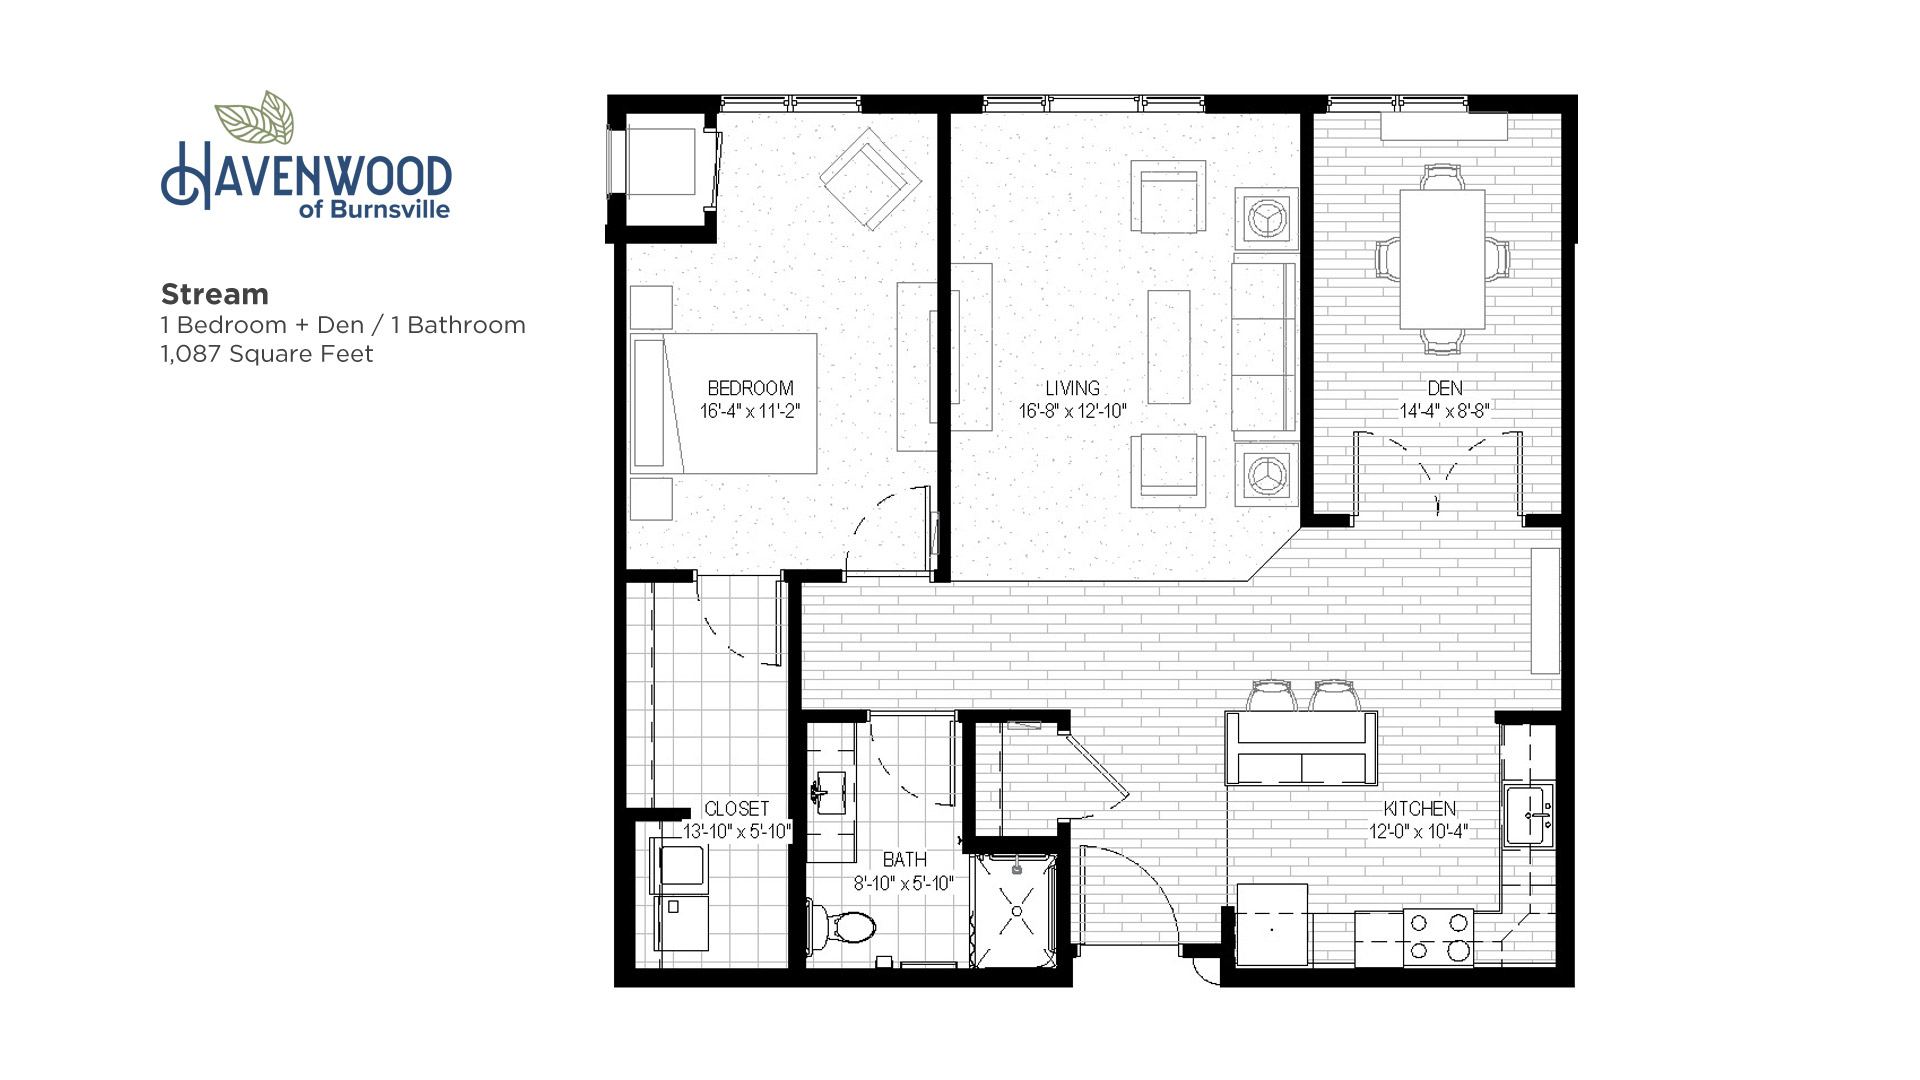 Havenwood of Burnsville Stream Floor Plan